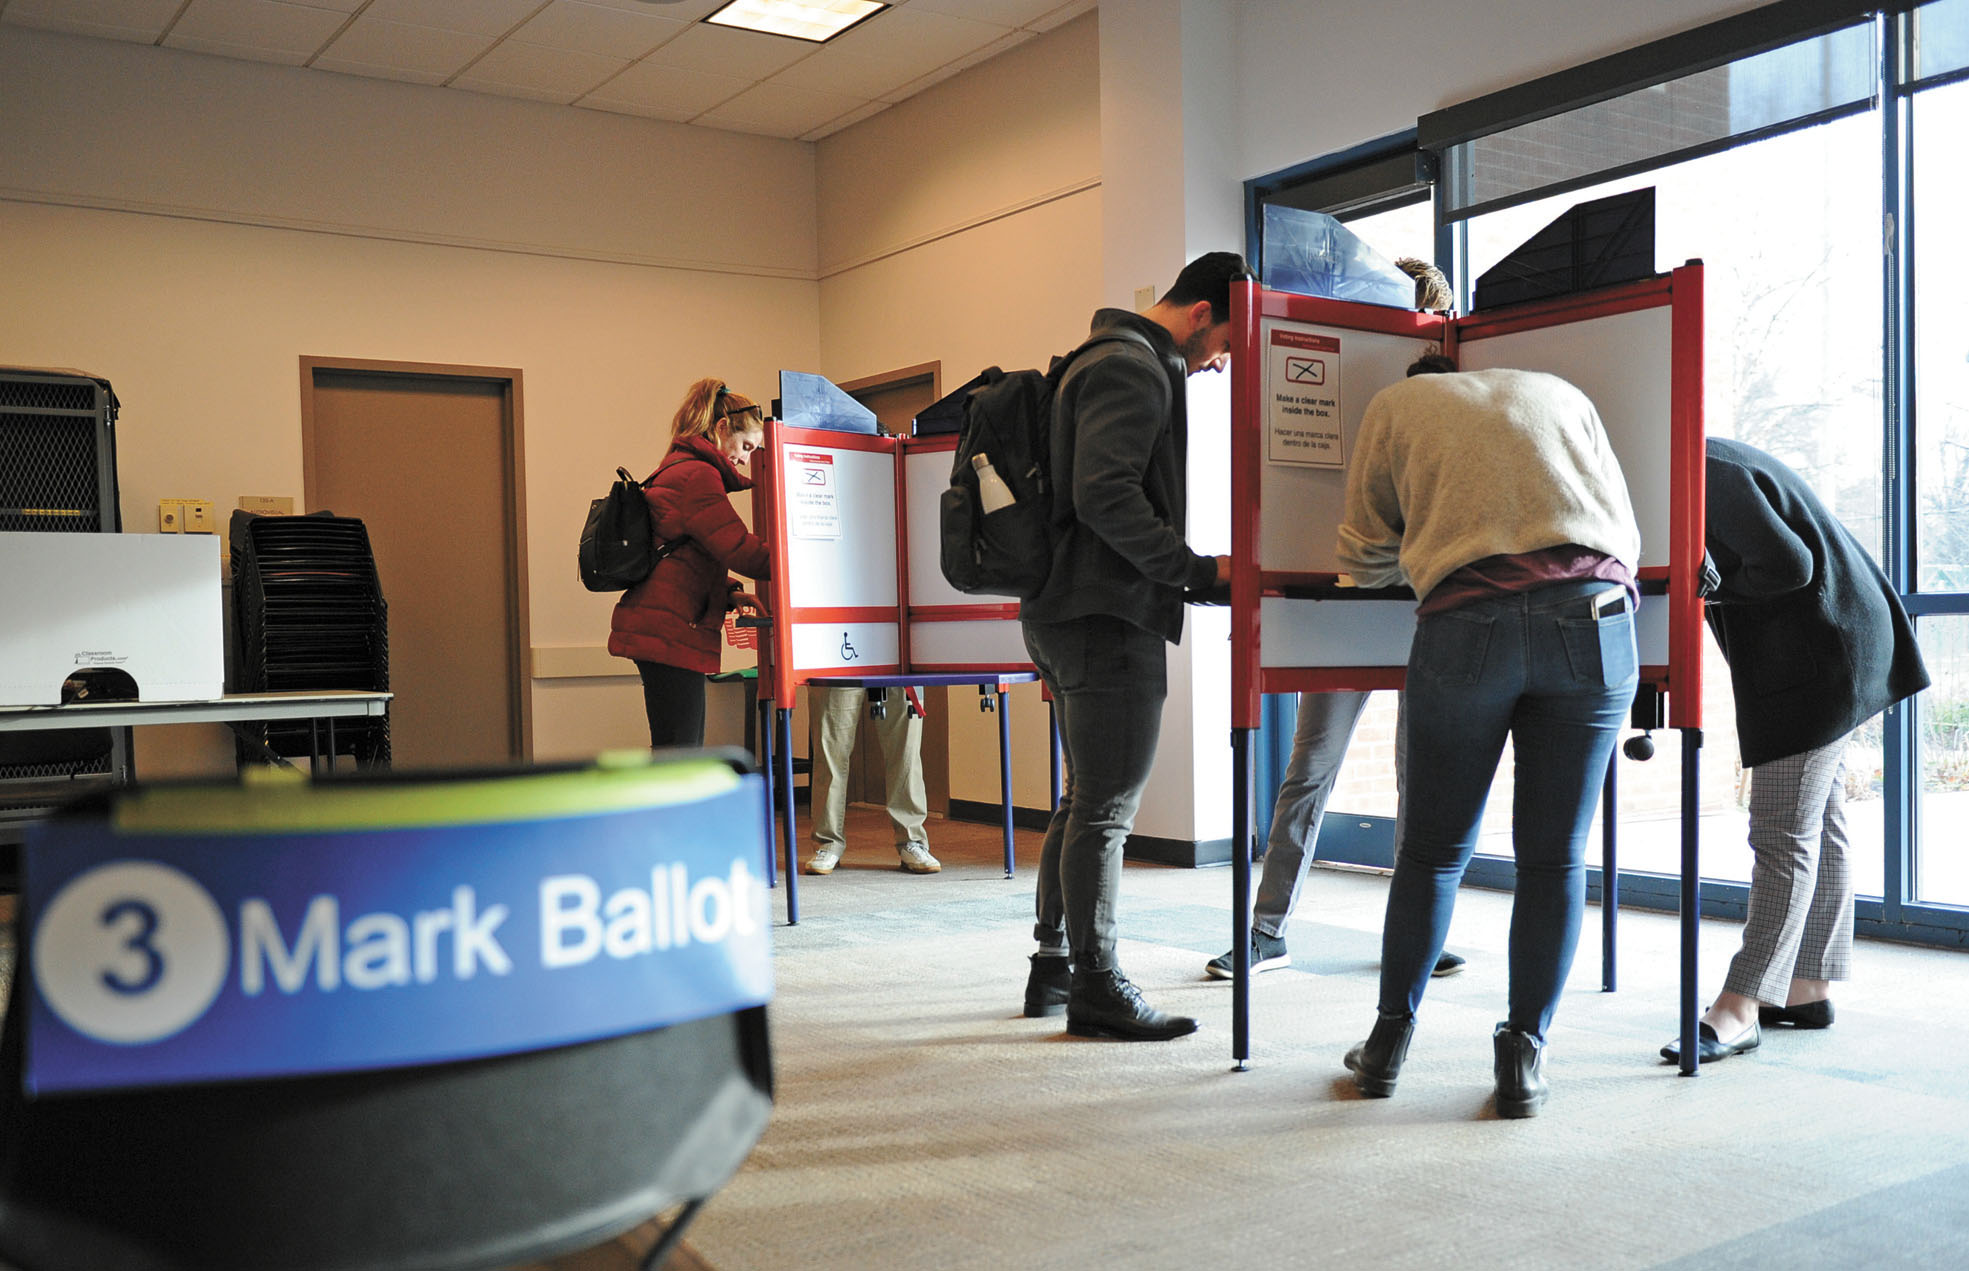 中國被指干預美國選舉的程度更為活躍,圖為今年3月3日,在弗吉尼亞州阿靈頓的一處投票點。資料圖片